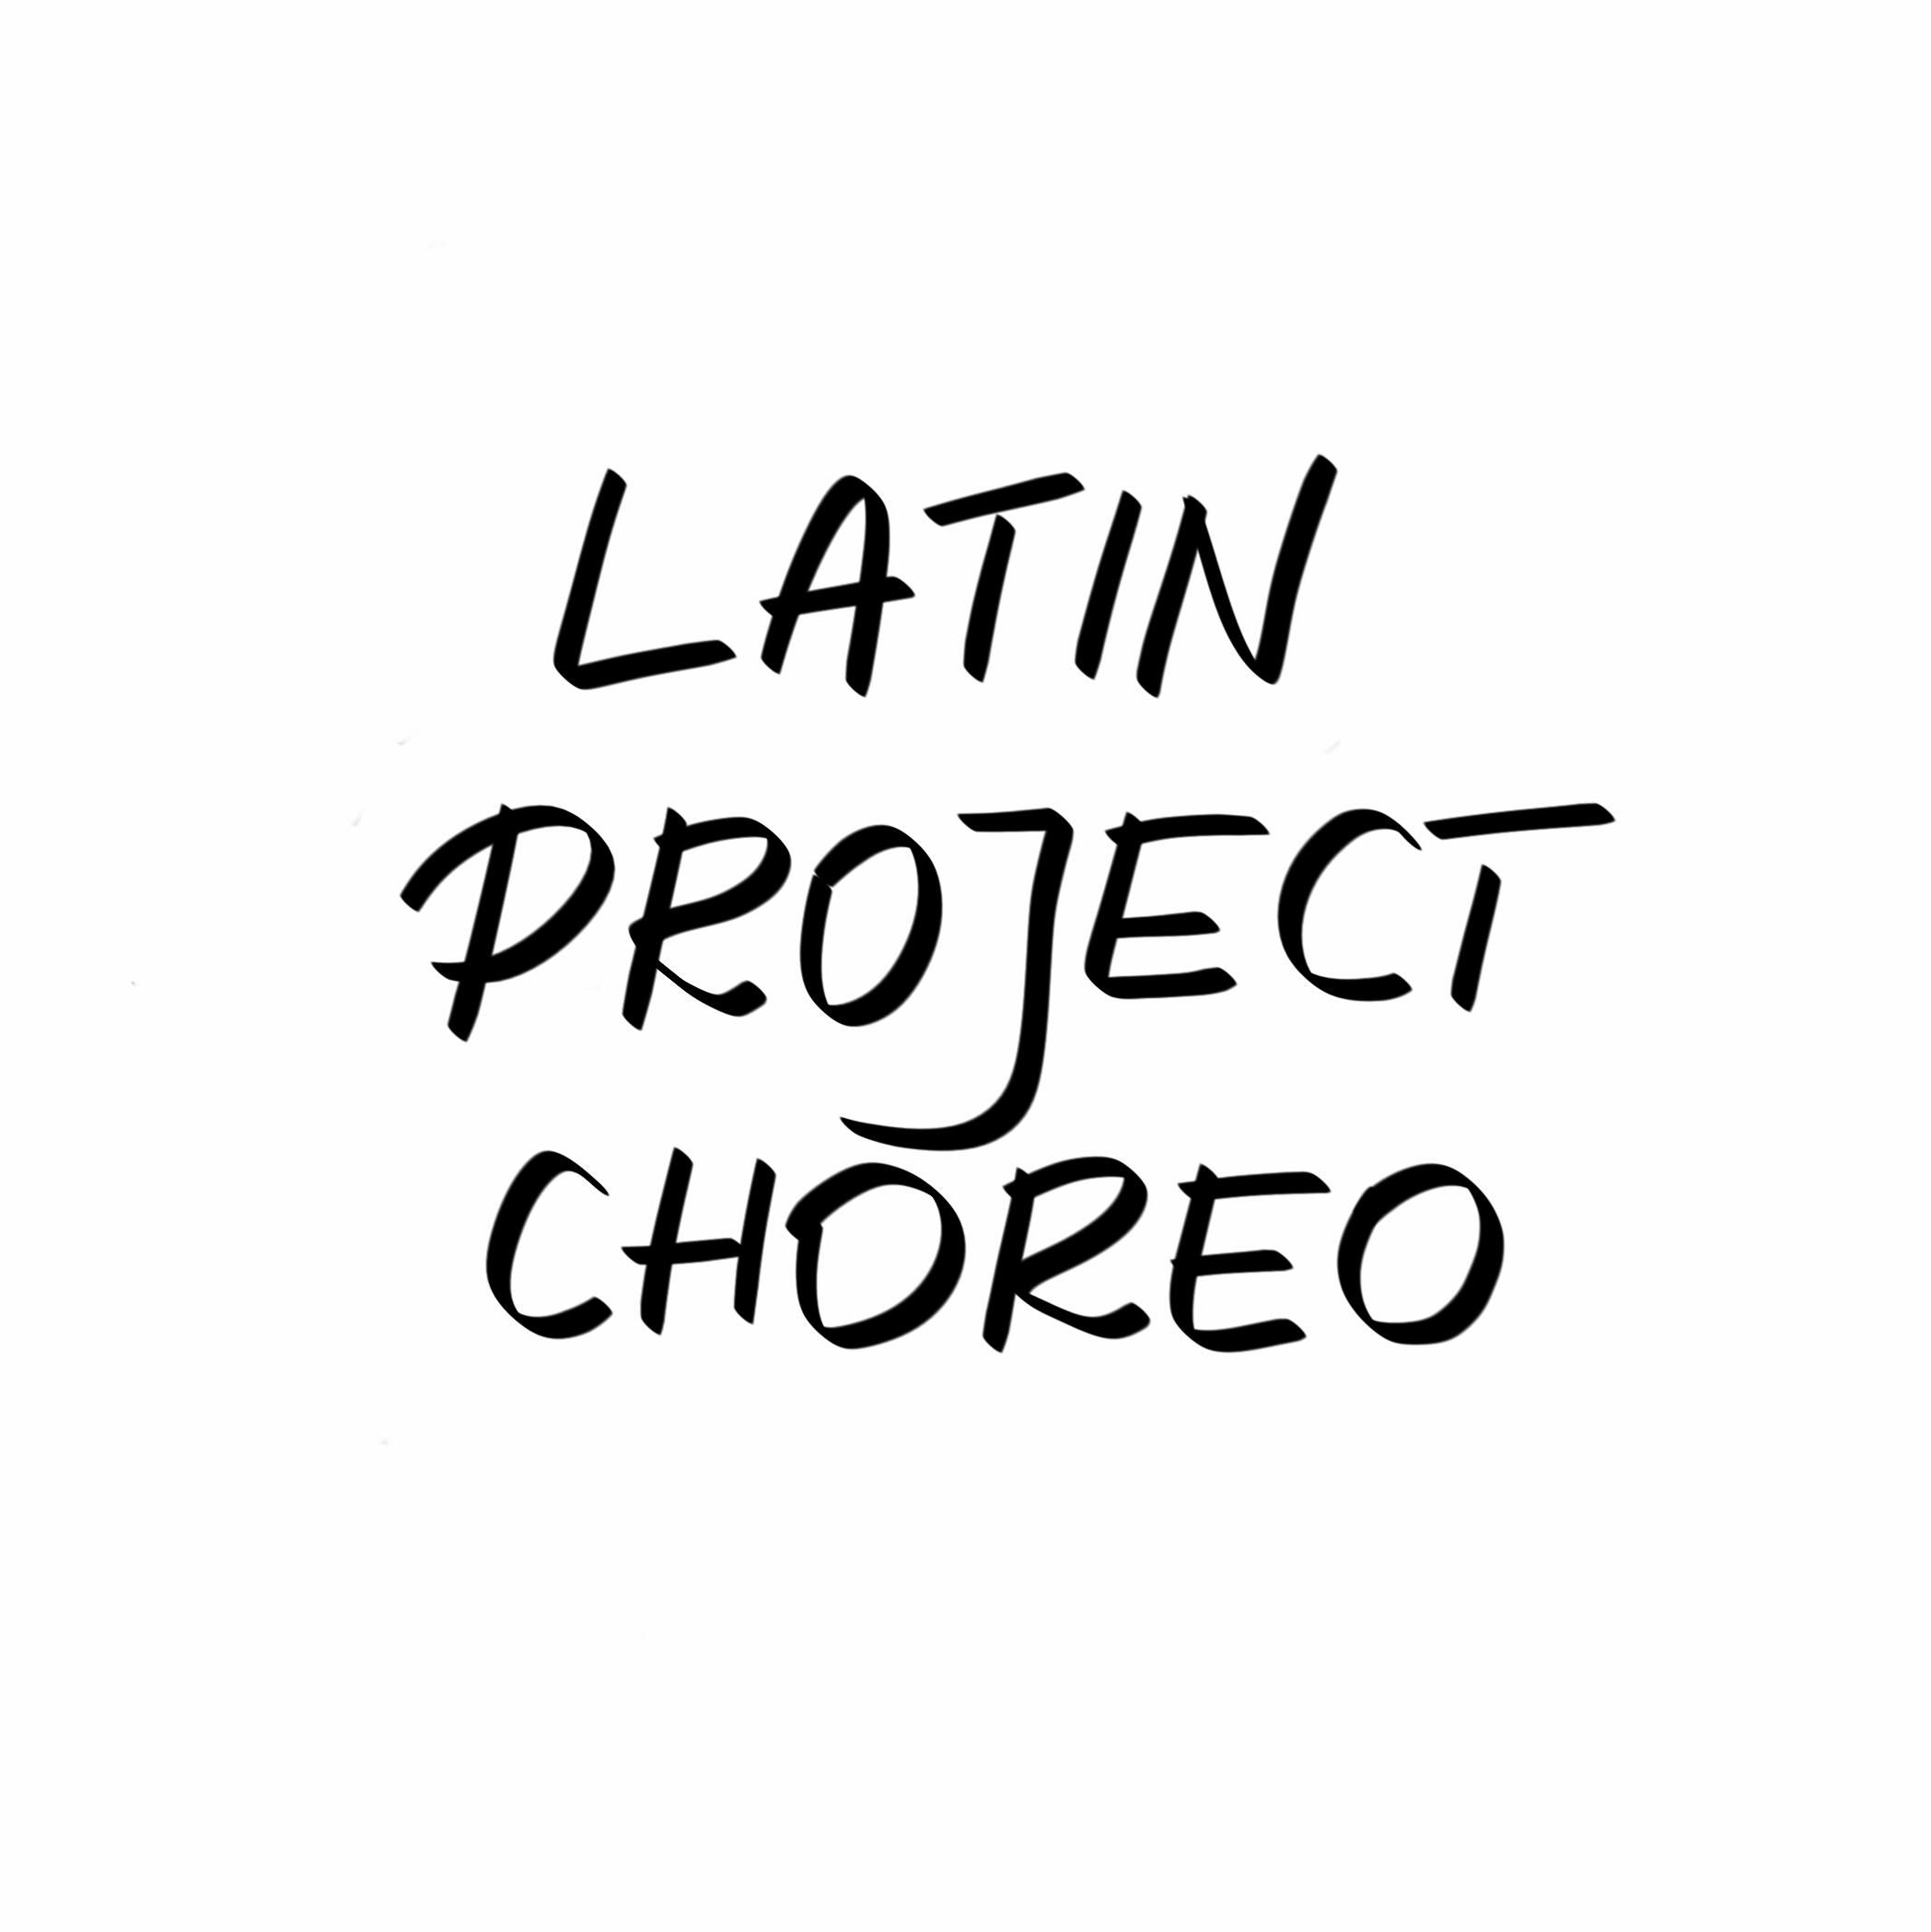 latin-project-choreo